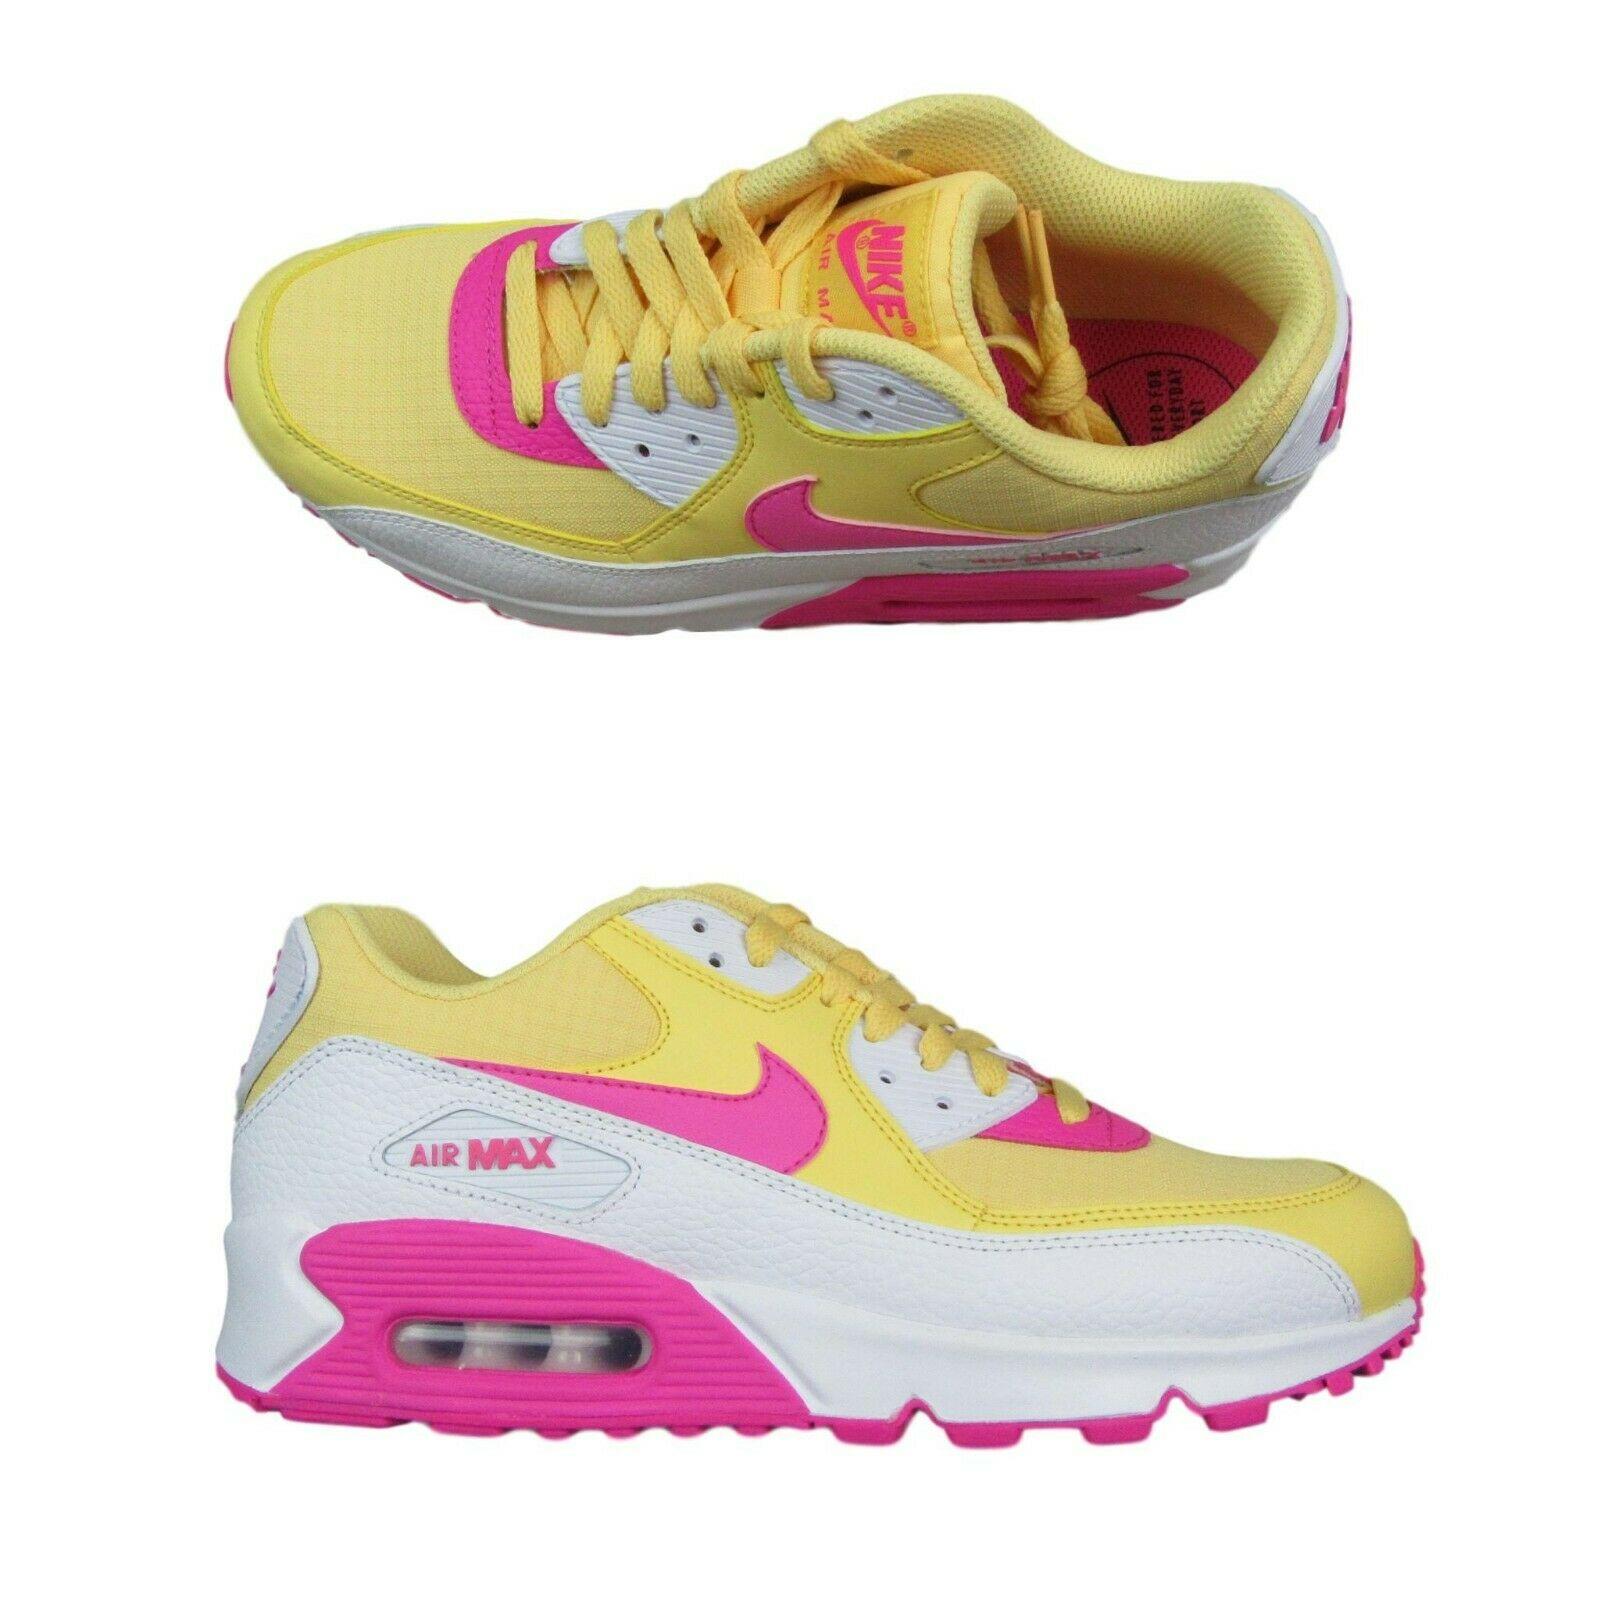 df359b68fb31 Nike Air Max 90 Womens Size 9.5 Topaz Gold White Laser Fuchsia ...